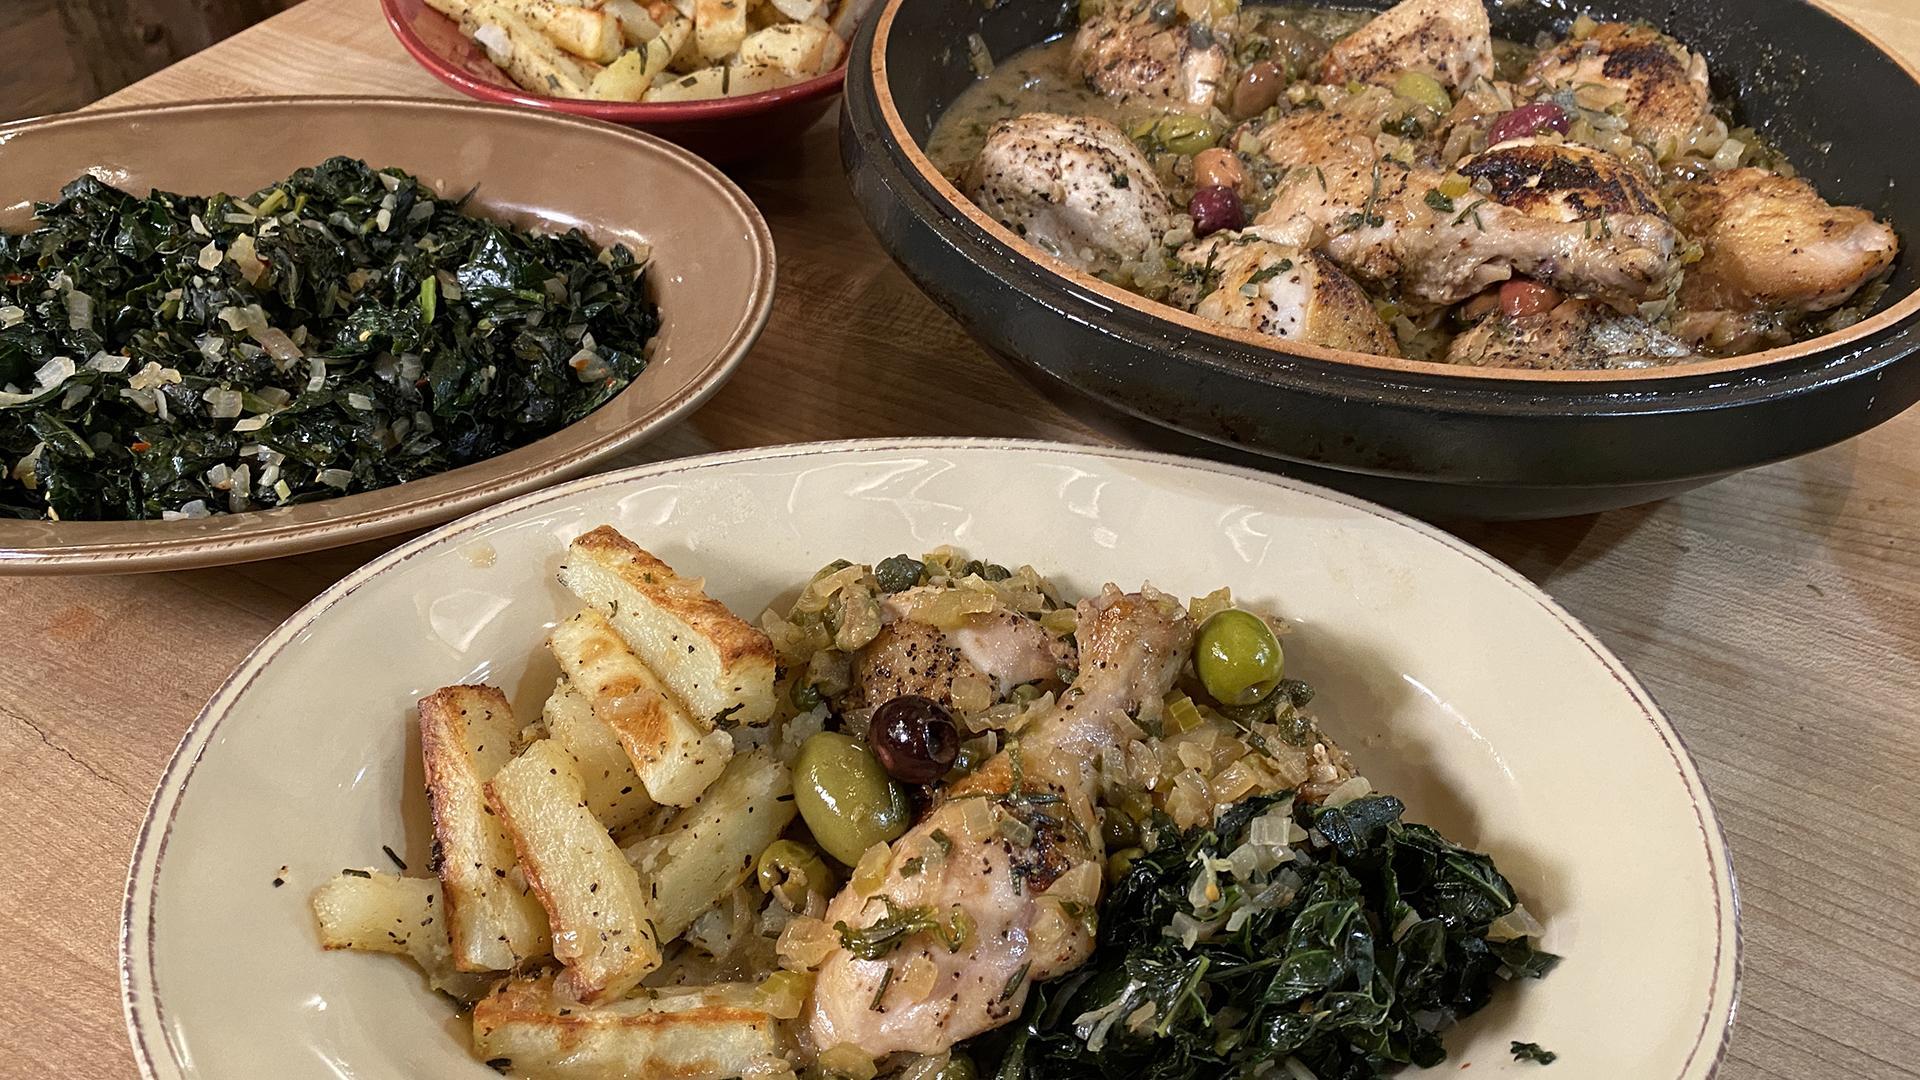 Chicken Cacciatore With White Wine Sauce (Roman-Style Pollo alla Cacciatora)